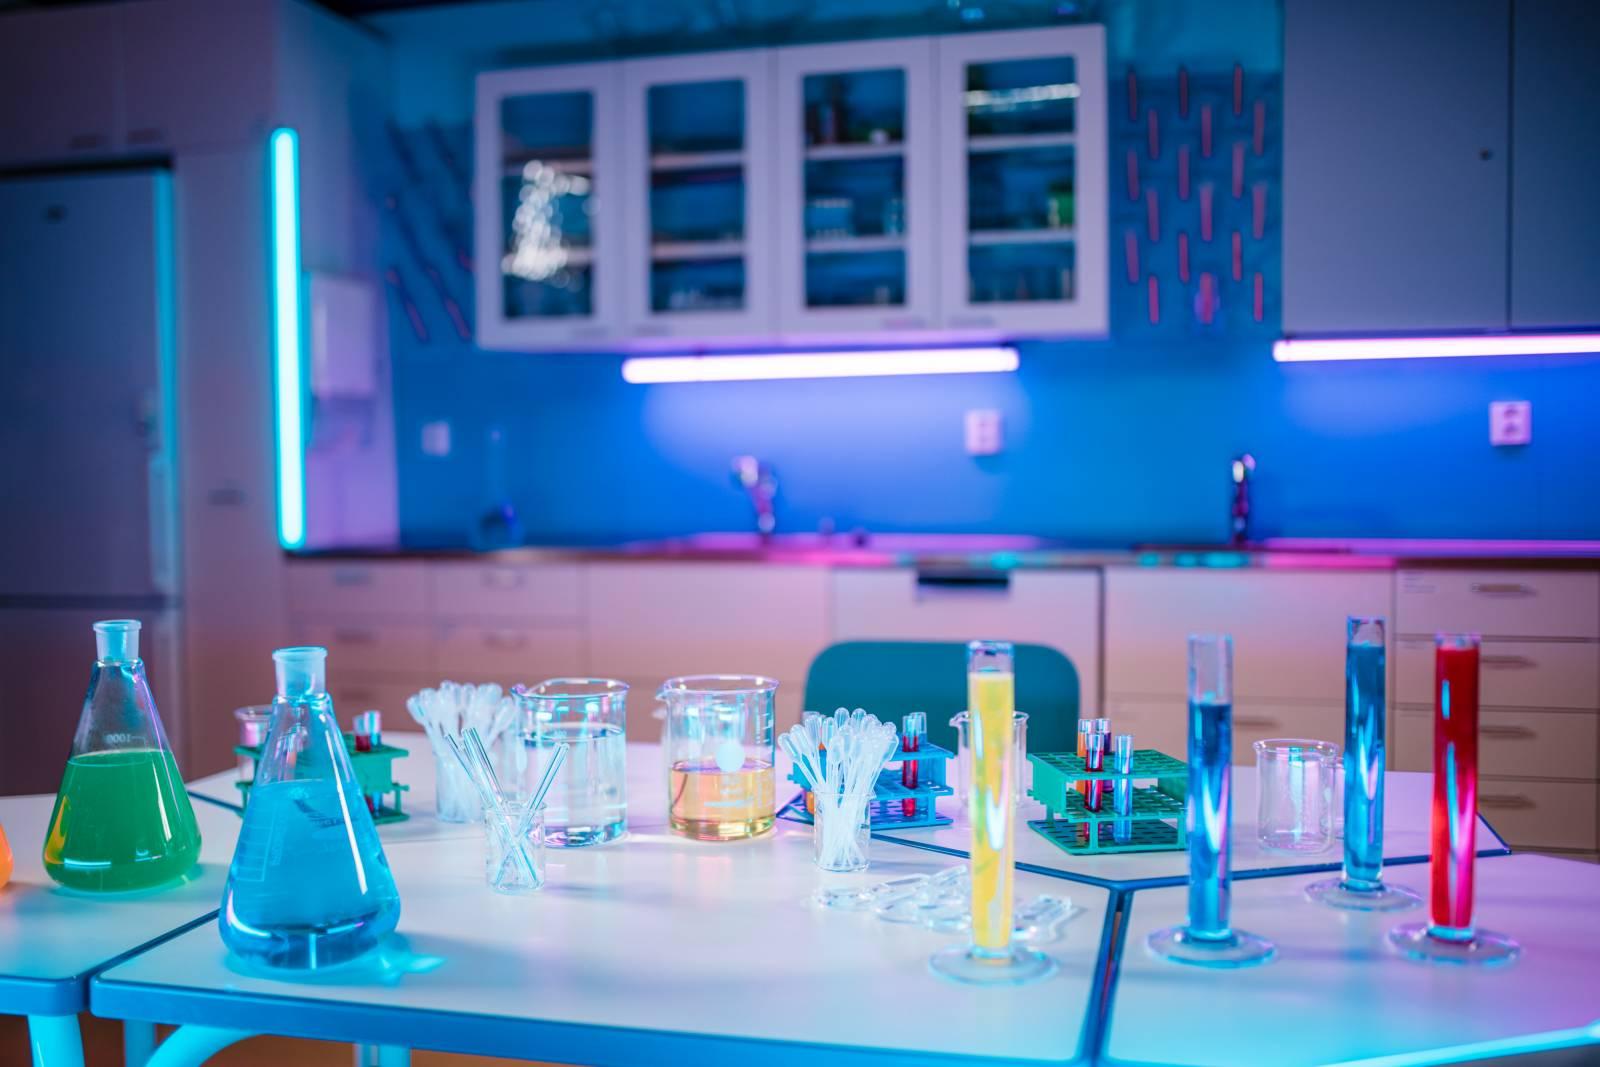 Valokuva juniversityn tiedeluokasta jossa taustalla laboratoriokeittiö ja etualalla pöytä, jossa värikkäitä liuoksia laboratorioastioissa.